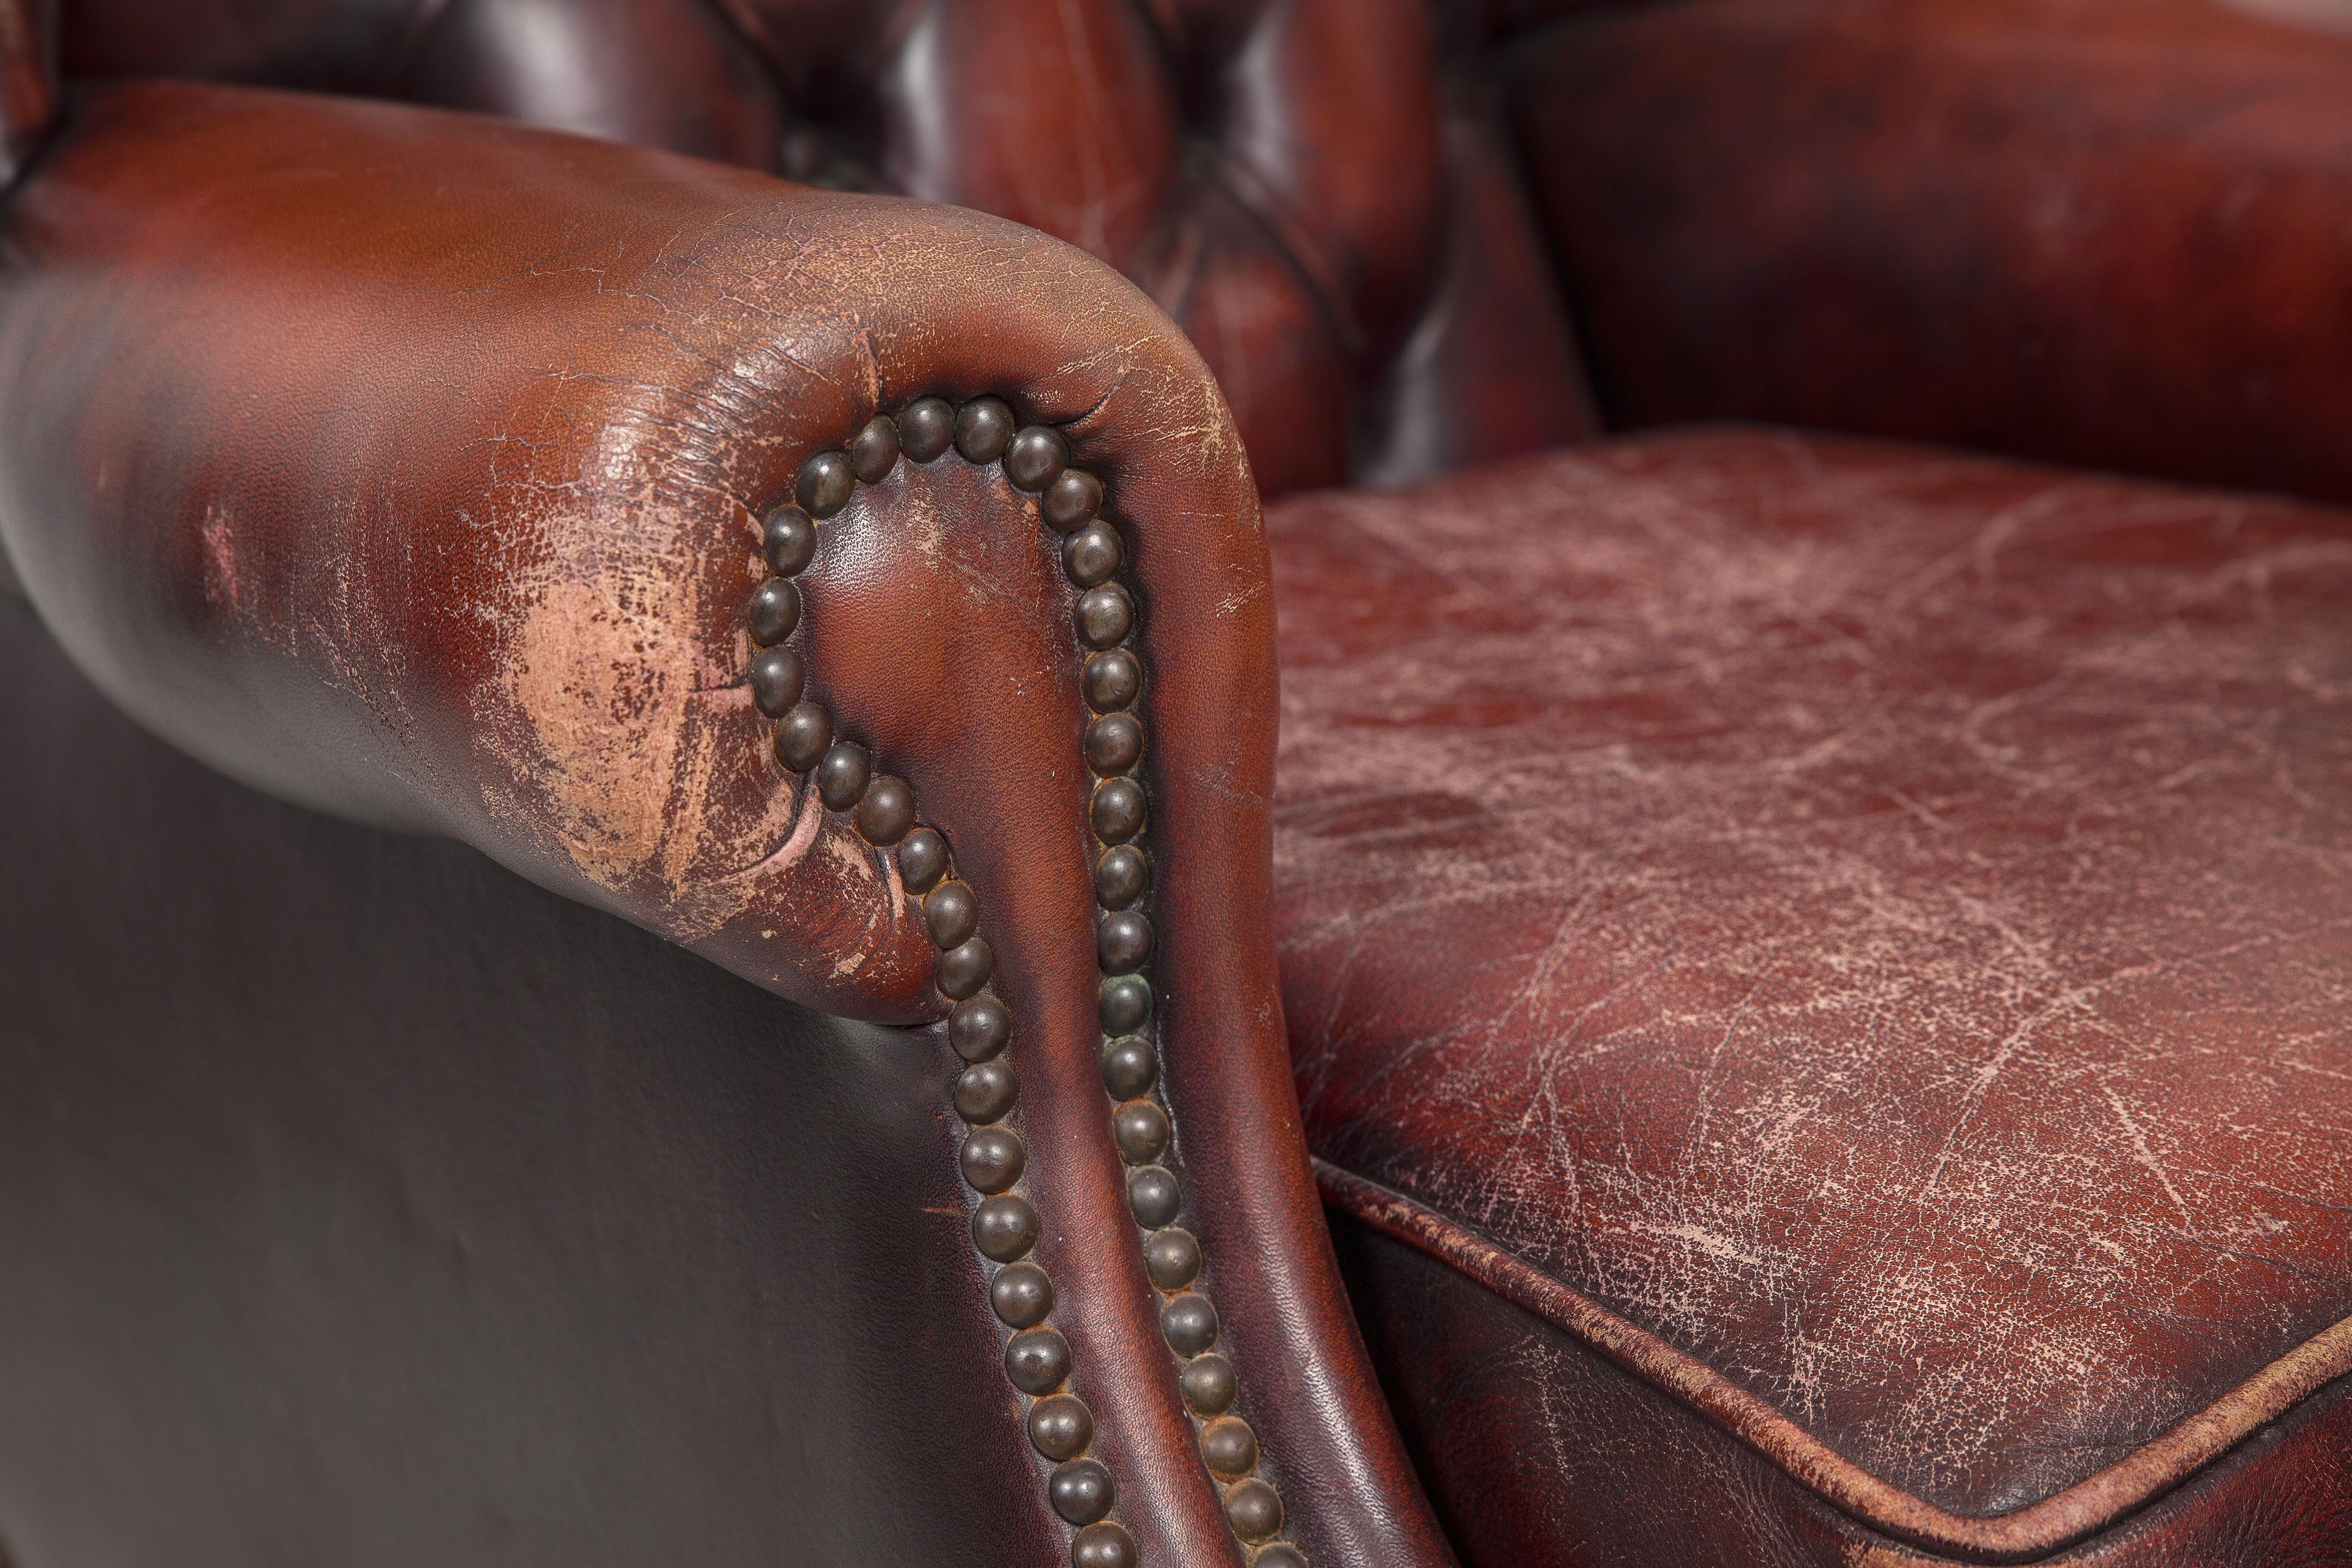 Entretien Du Cuir D Ameublement attention de ne pas confondre nettoyage du cuir et entretien